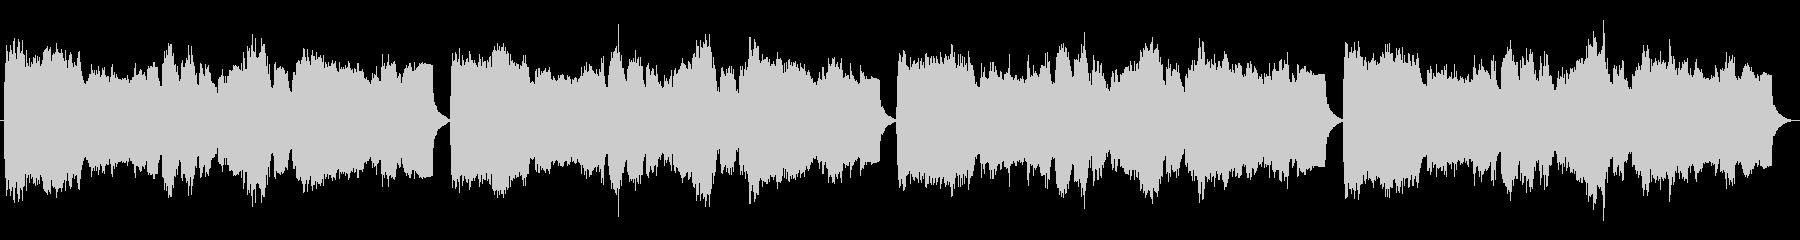 パイプオルガンでG線上のアリア BACHの未再生の波形